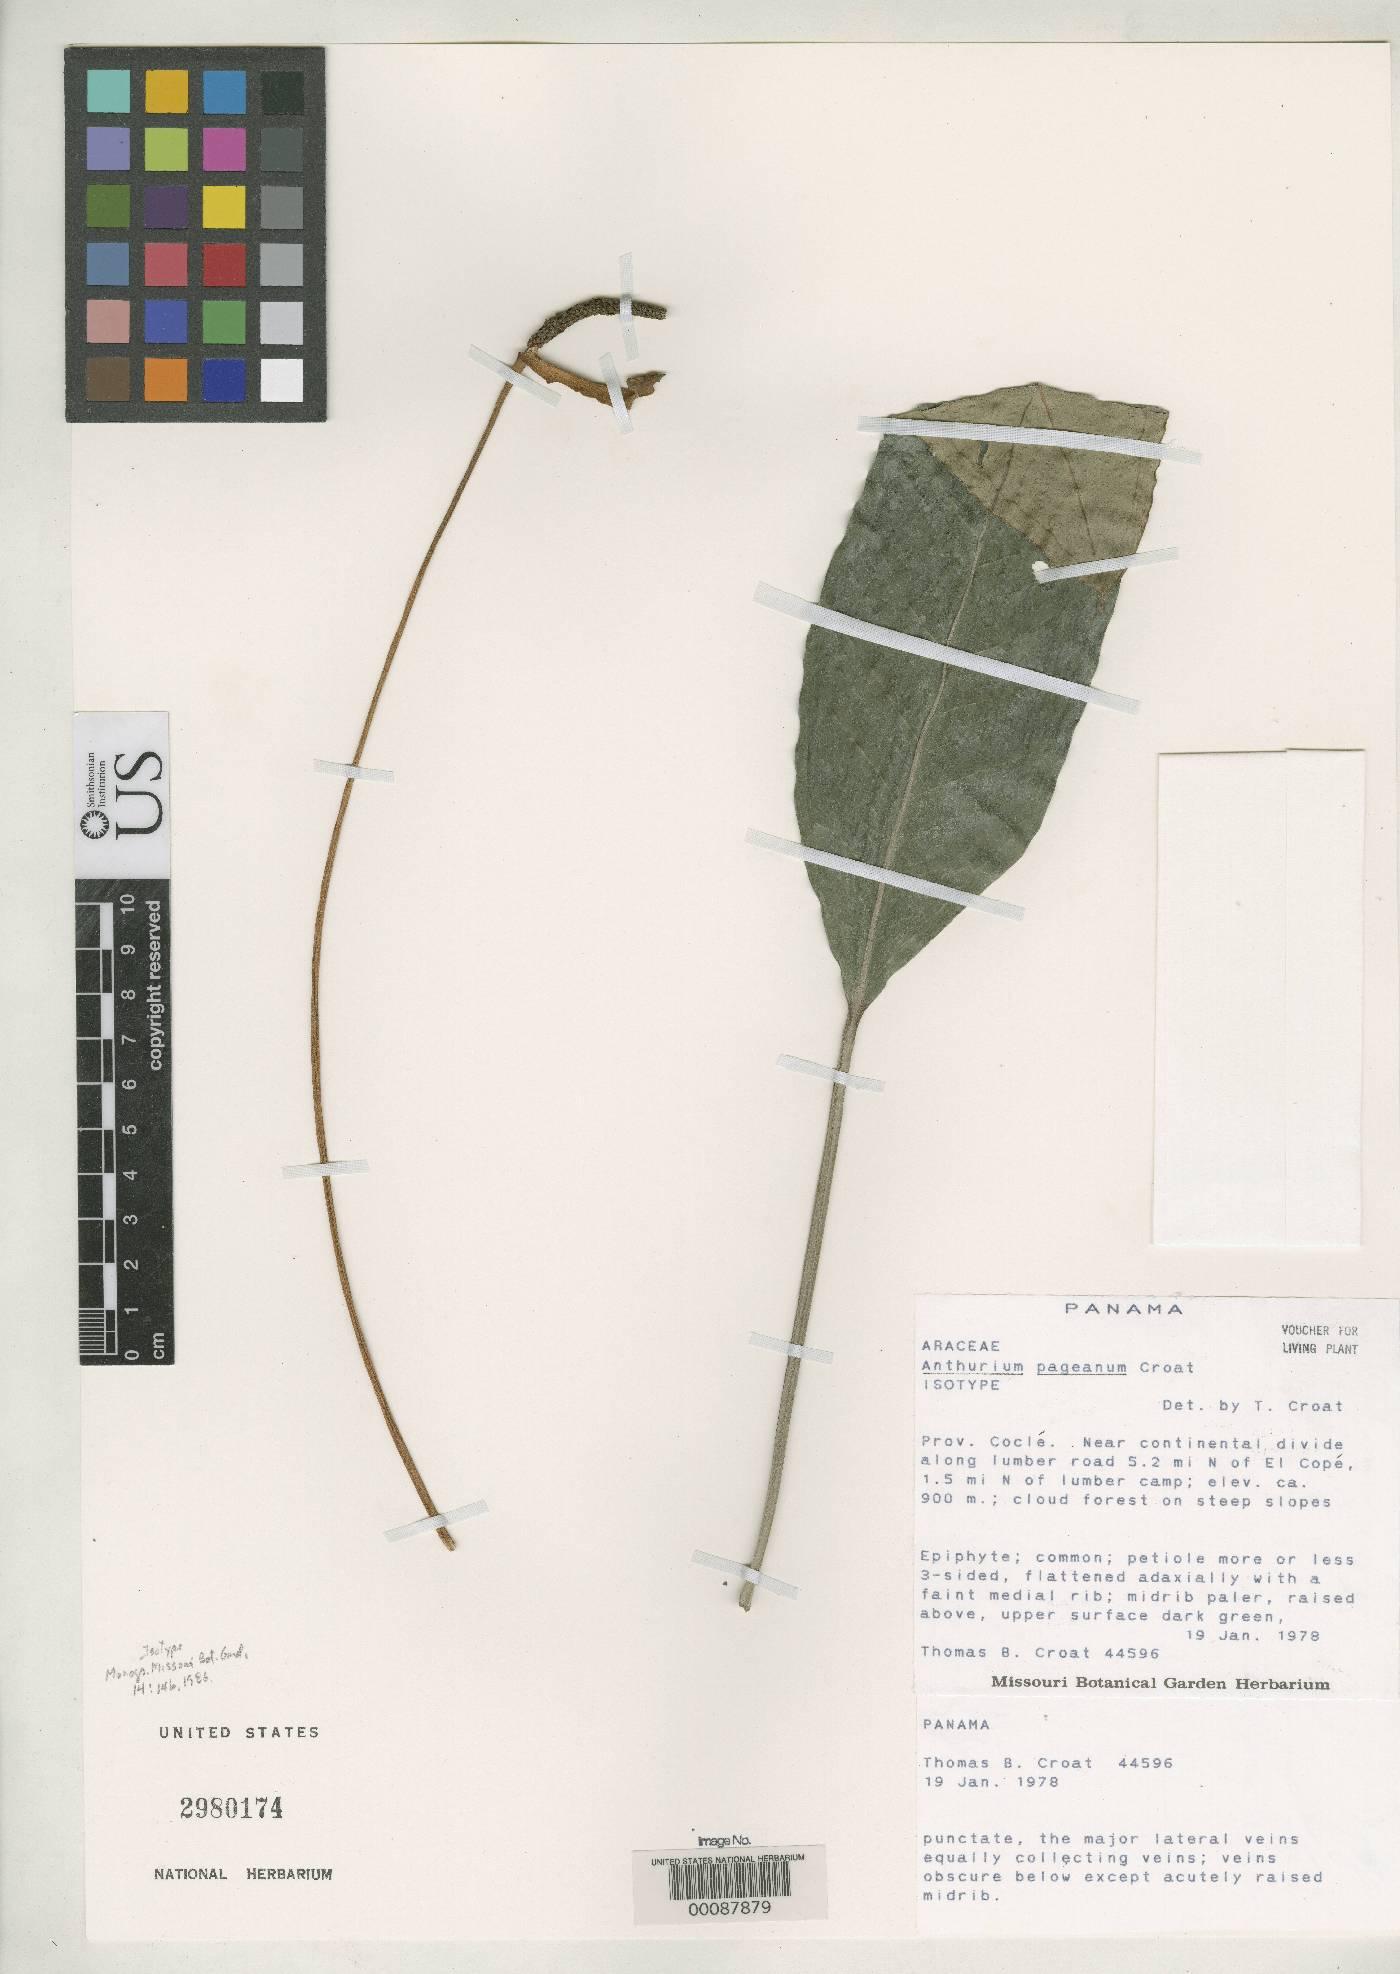 Anthurium pageanum image